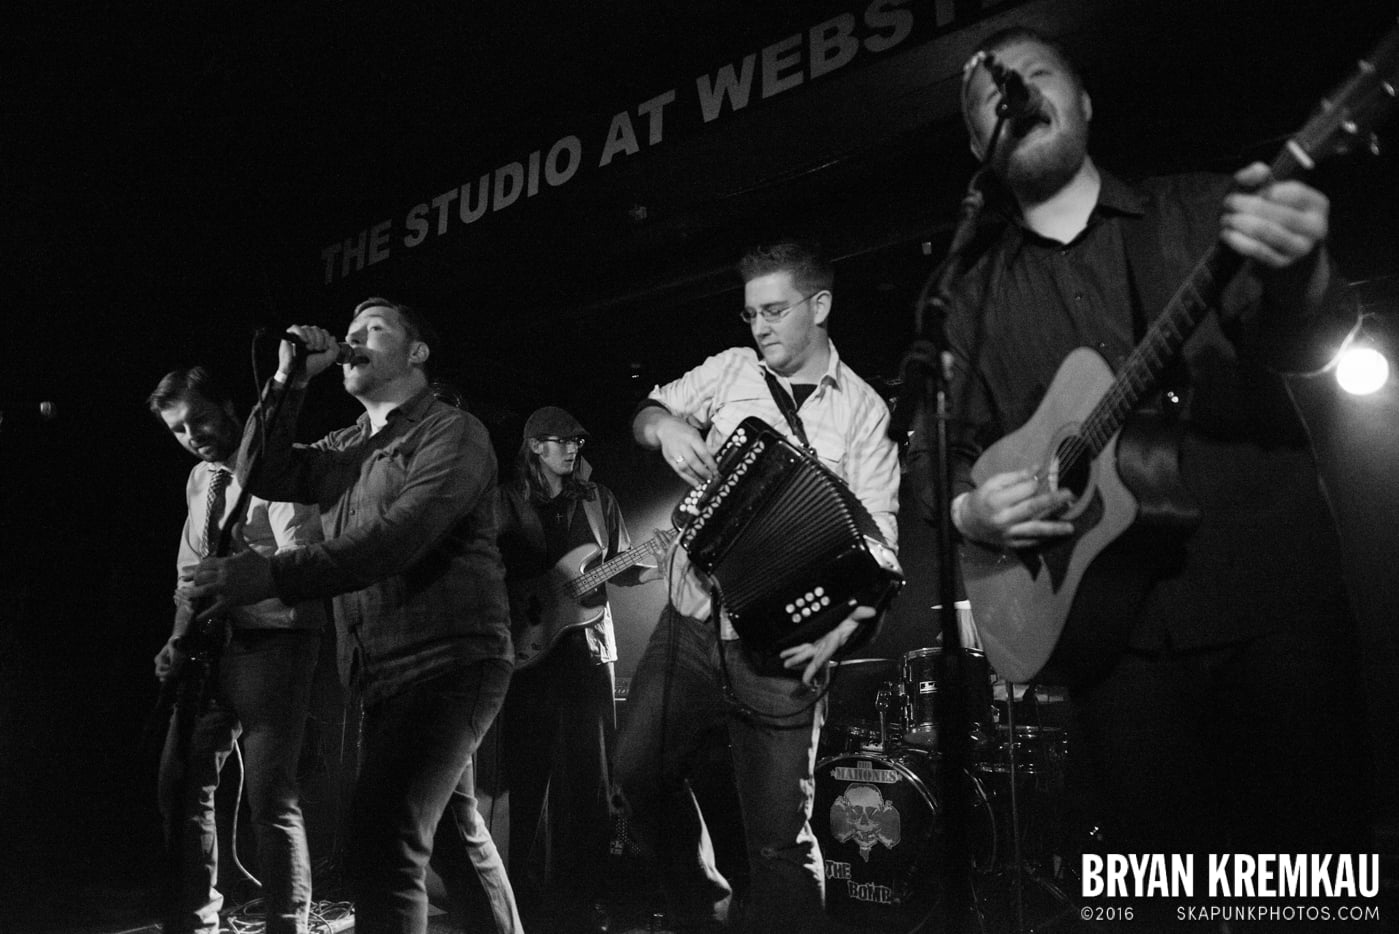 The Narrowbacks @ Studio at Webster Hall, NYC - 11.20.13 (11)